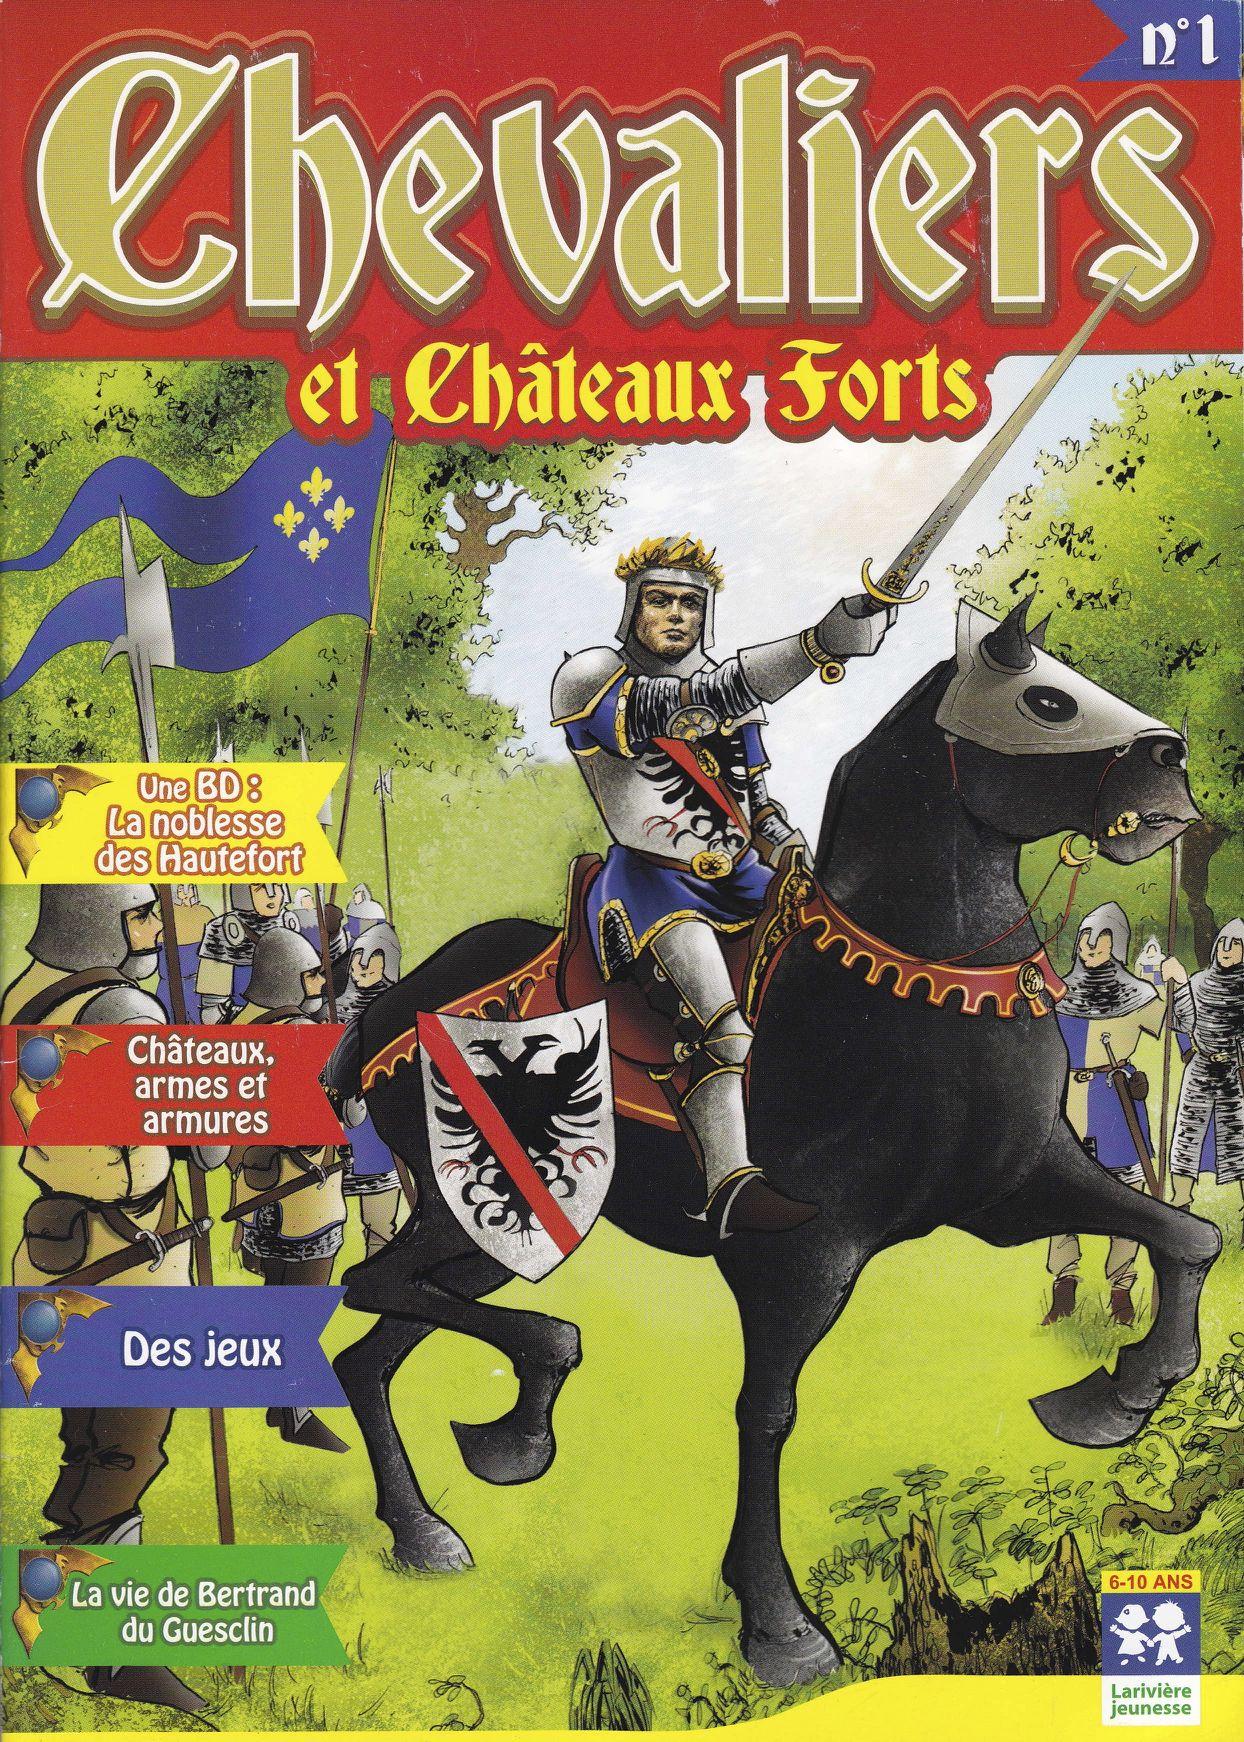 Chevaliers et chateaux-forts, la vie de Betrand Du Guesclin